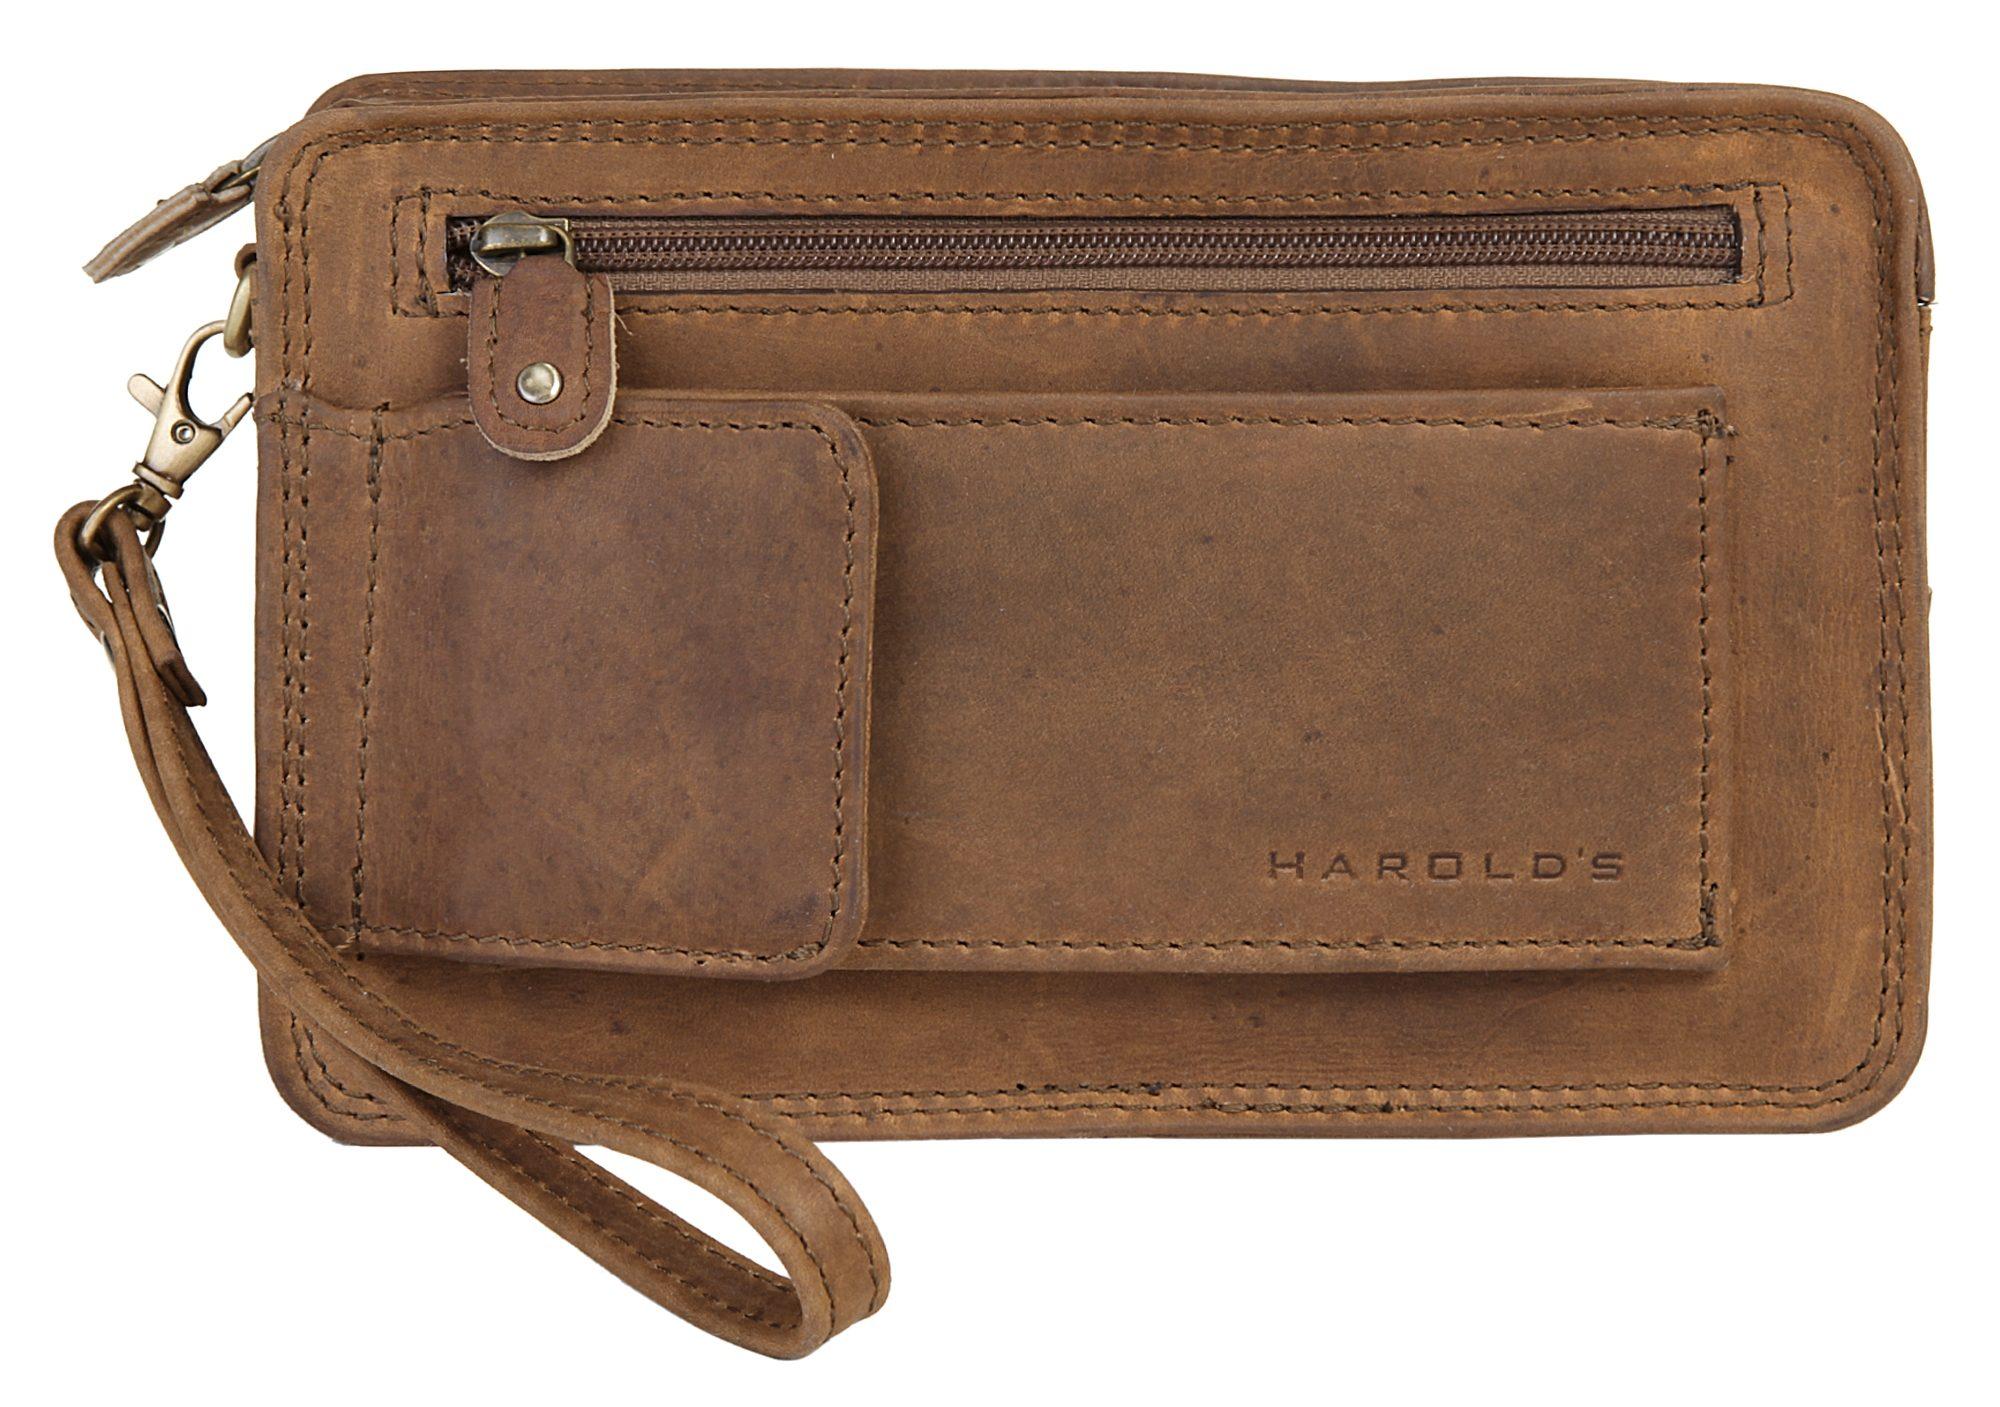 Harold's Leder Handgelenk Tasche »Antik«